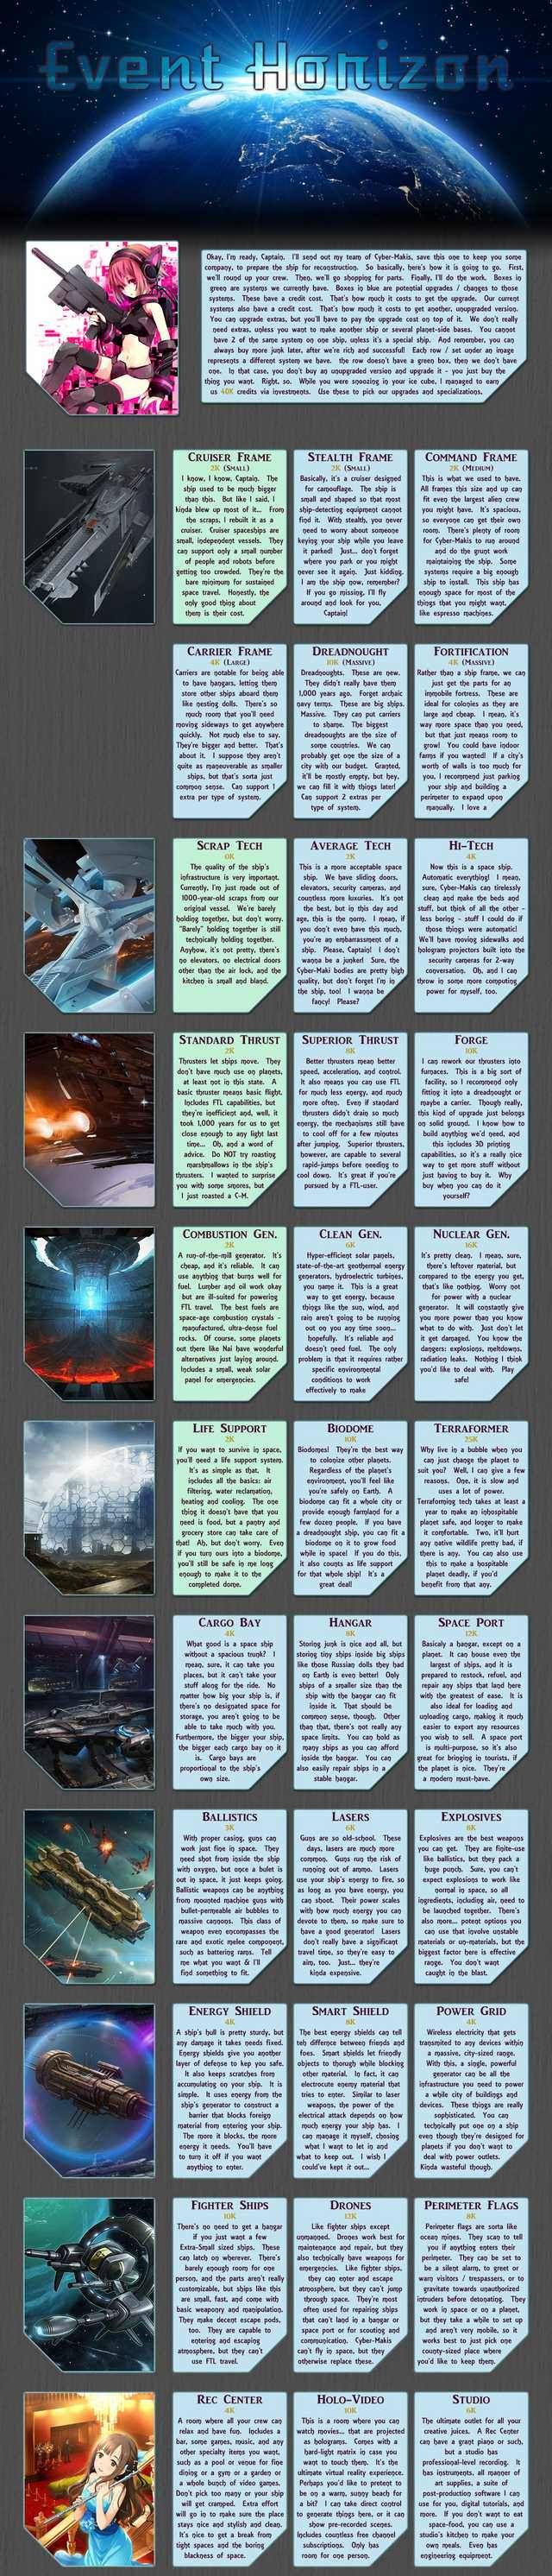 Event Horizon Cyoa Imgur Cyoa Event Horizon Event